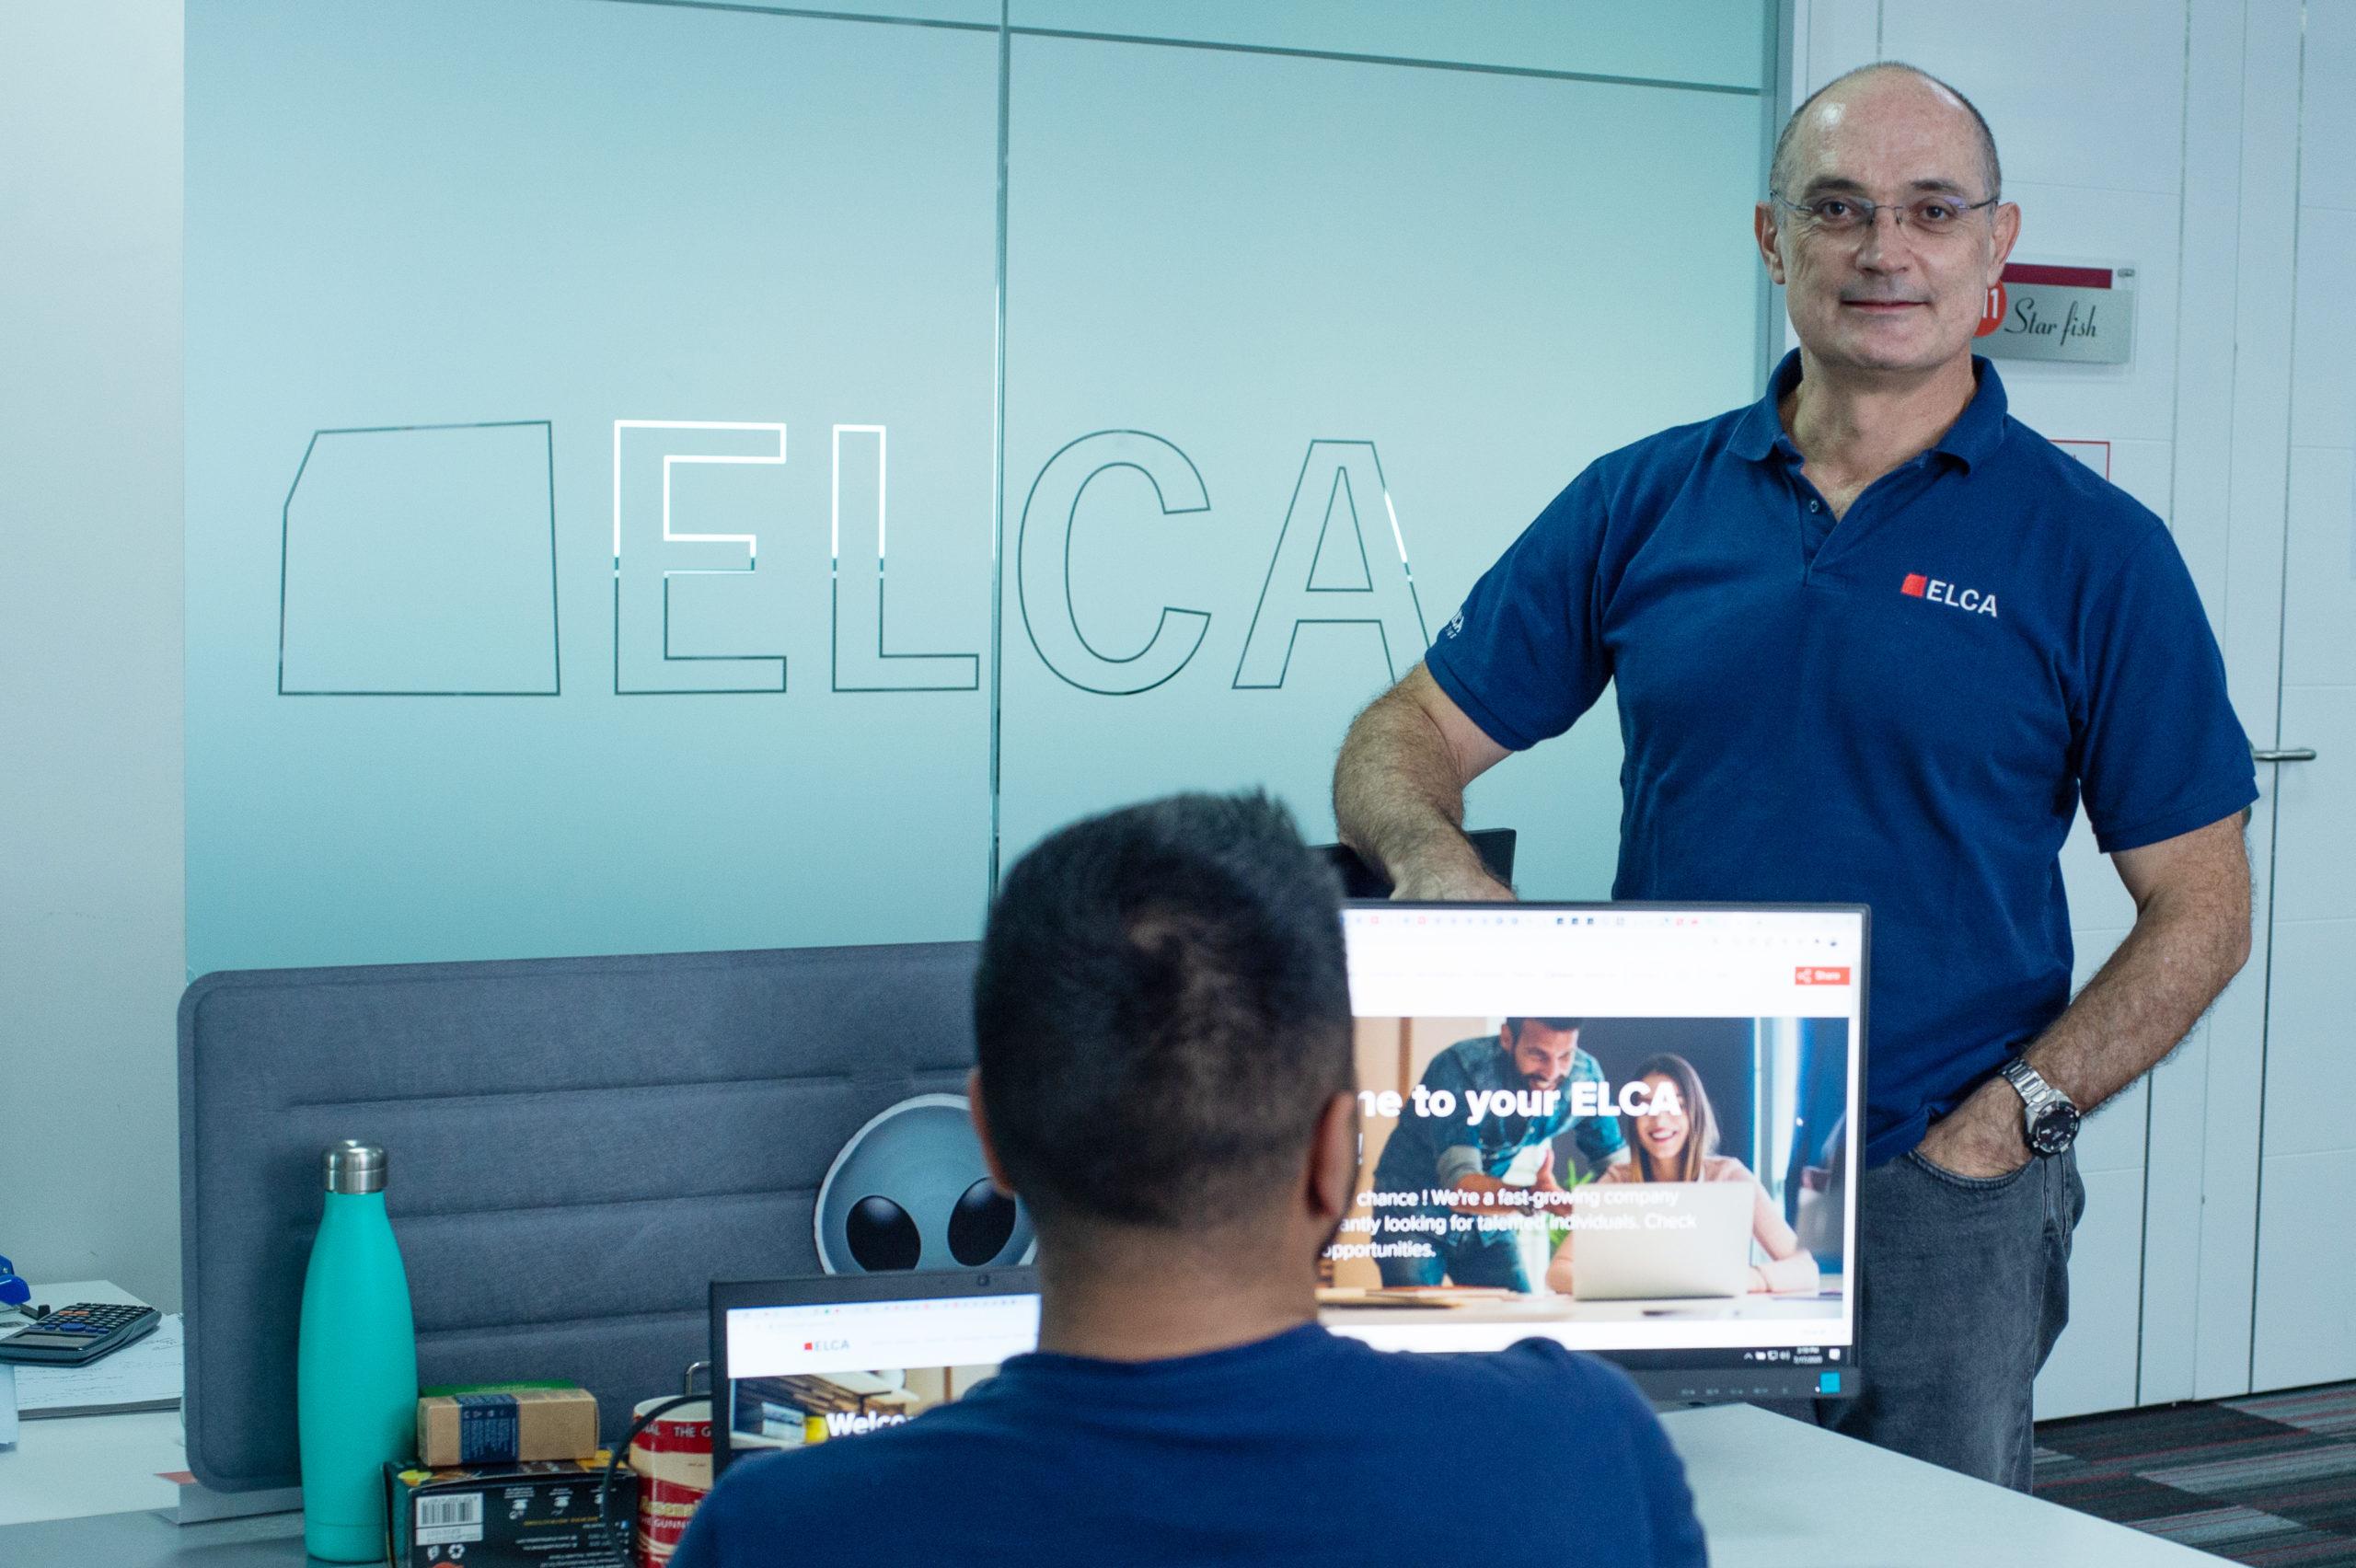 ELCA Mauritius - Un acteur de la transformation digitale des entreprises | business-magazine.mu